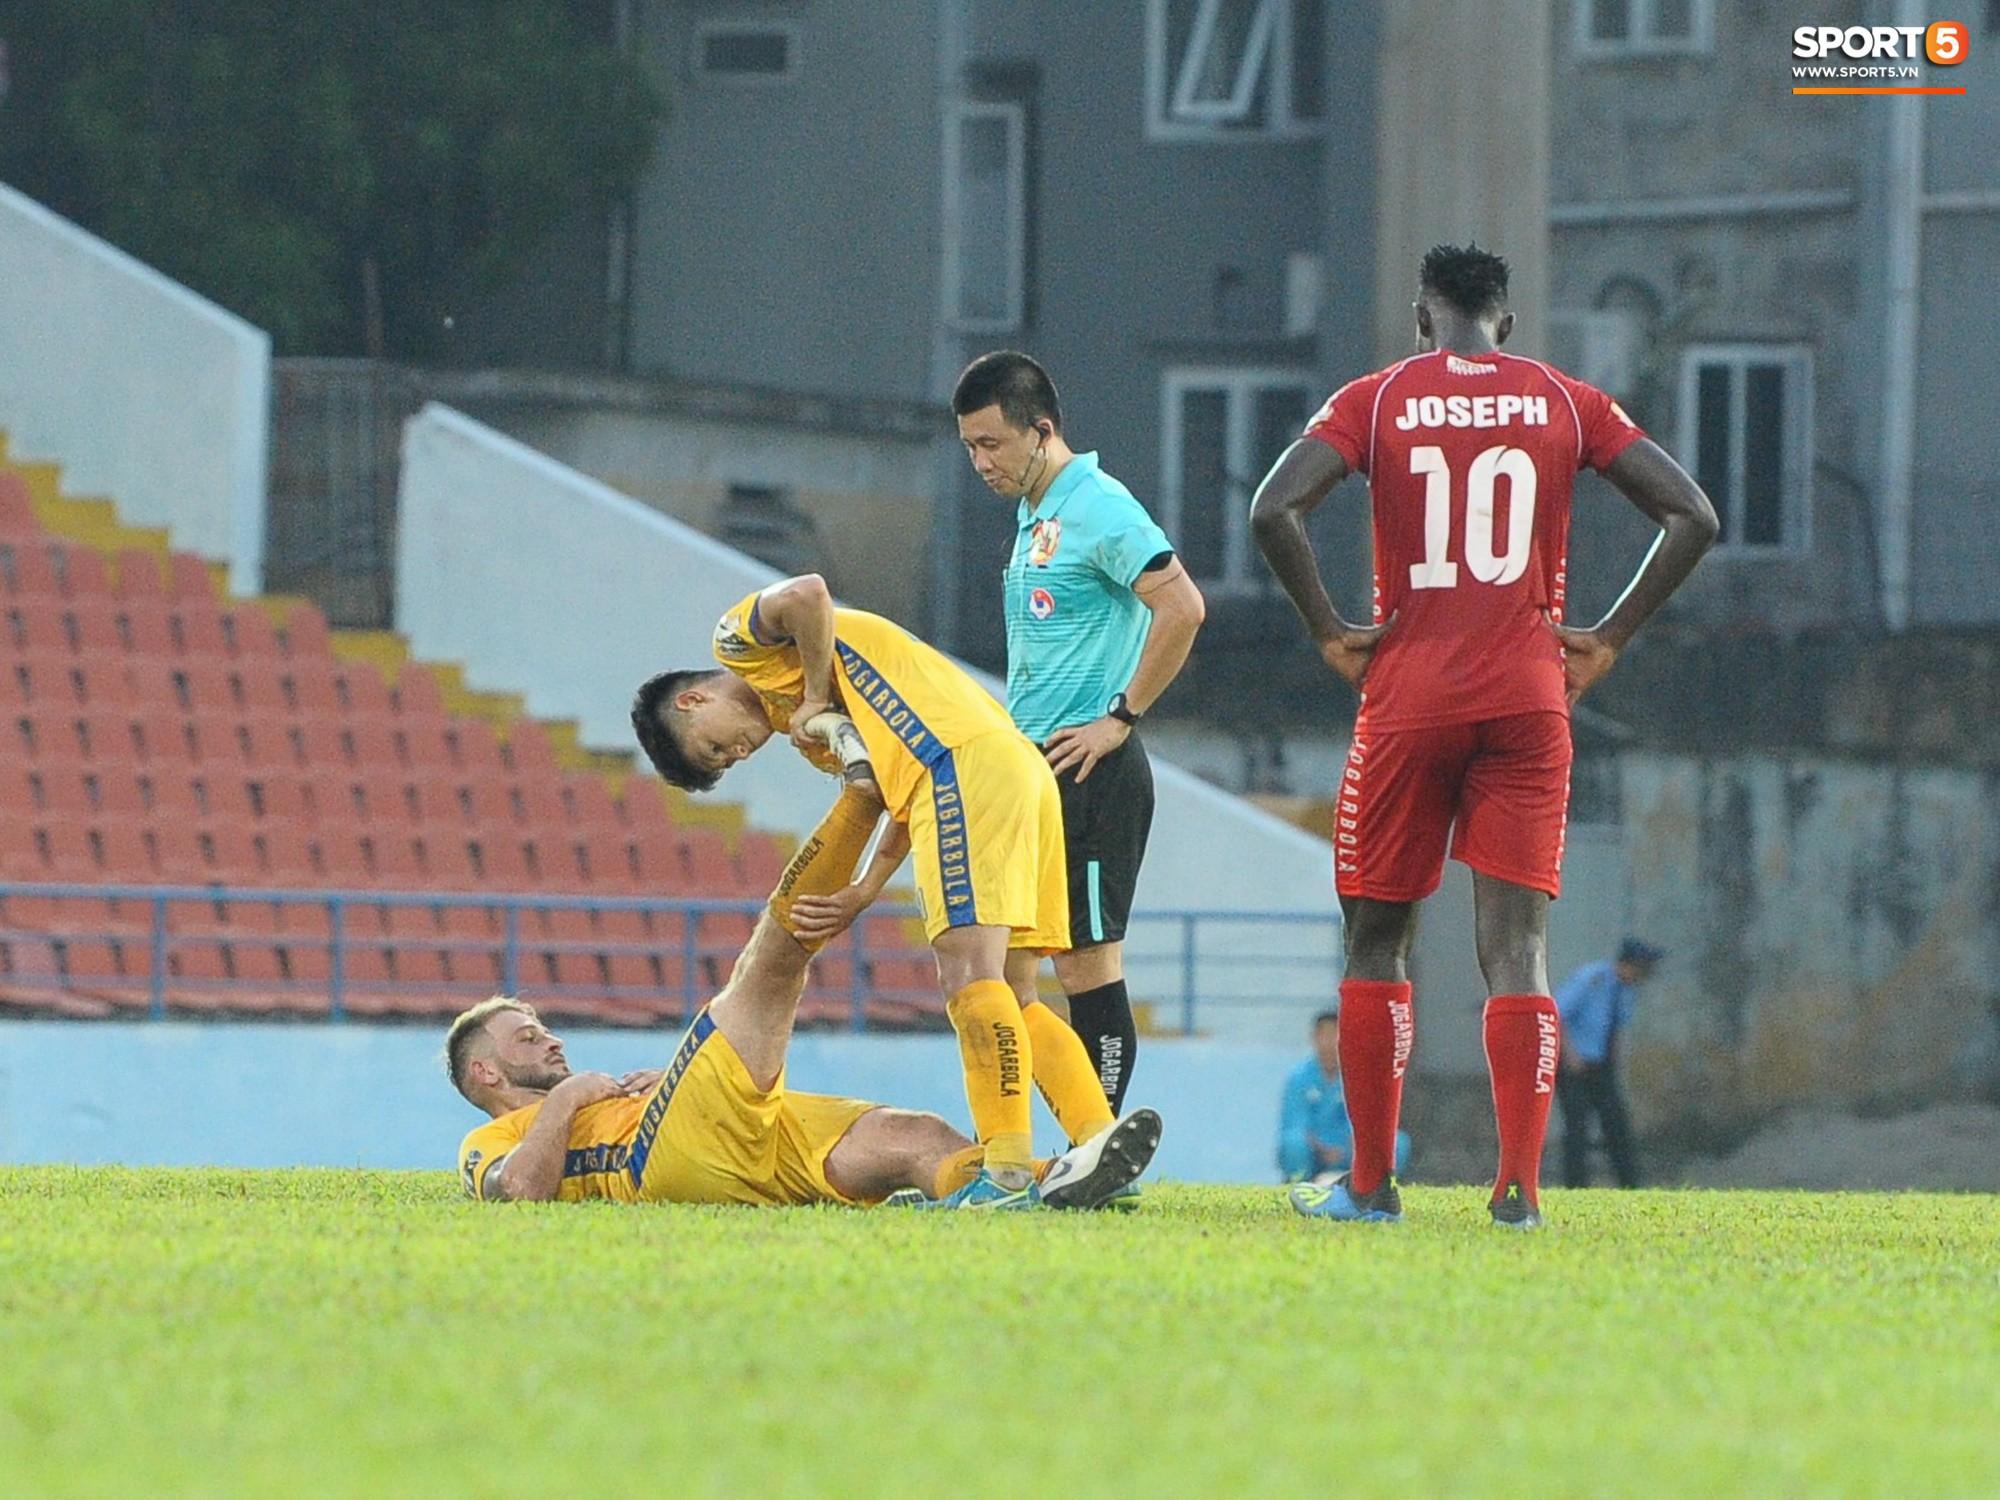 Hành động đẹp của cầu thủ Hải Phòng trong trận cầu nảy lửa với Thanh Hoá - Ảnh 5.